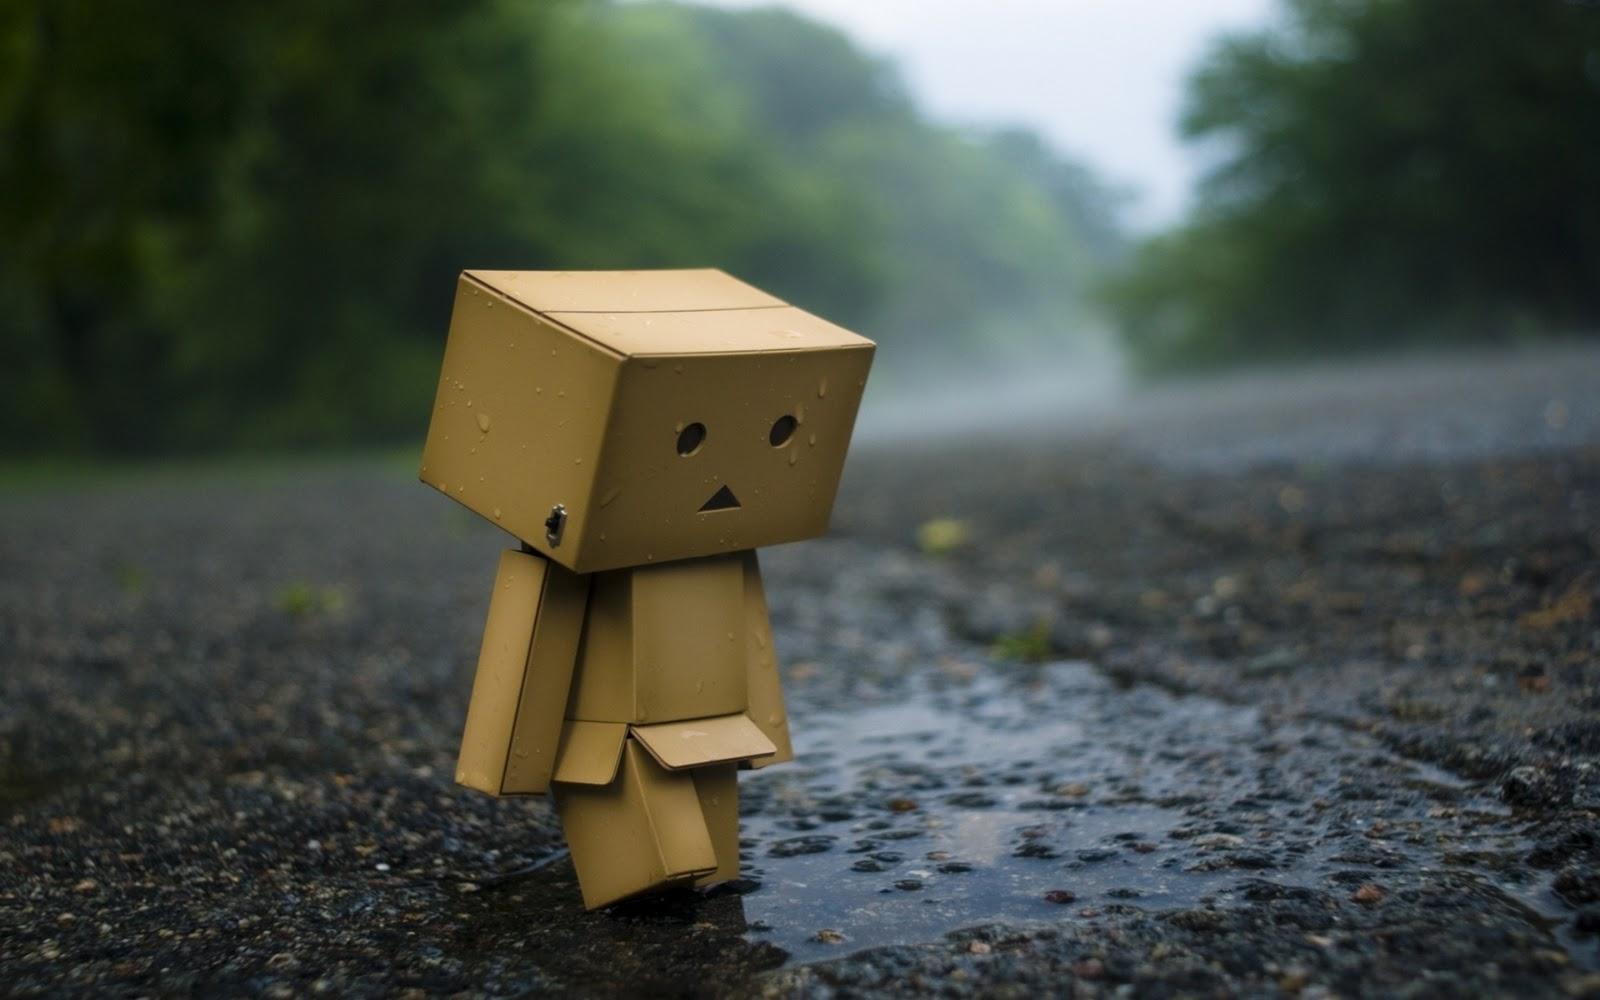 صوره غلافات فيس بوك حزين